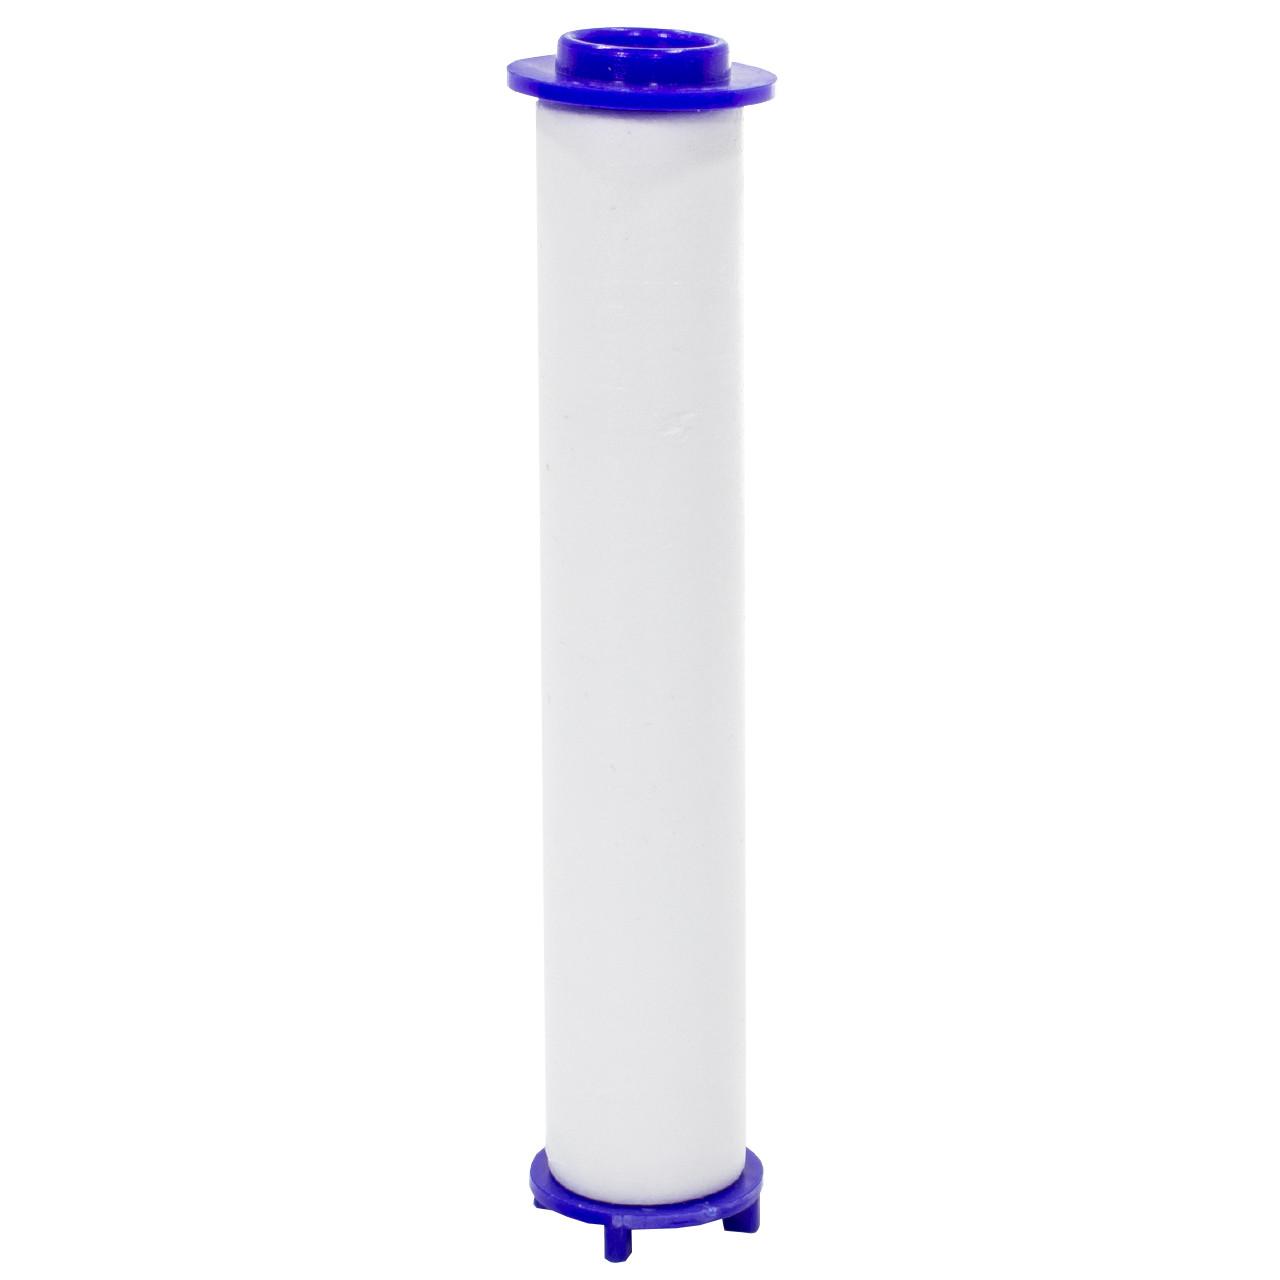 ϞФильтр Ginetarr губчатый для очистки проточной воды для ванной дома